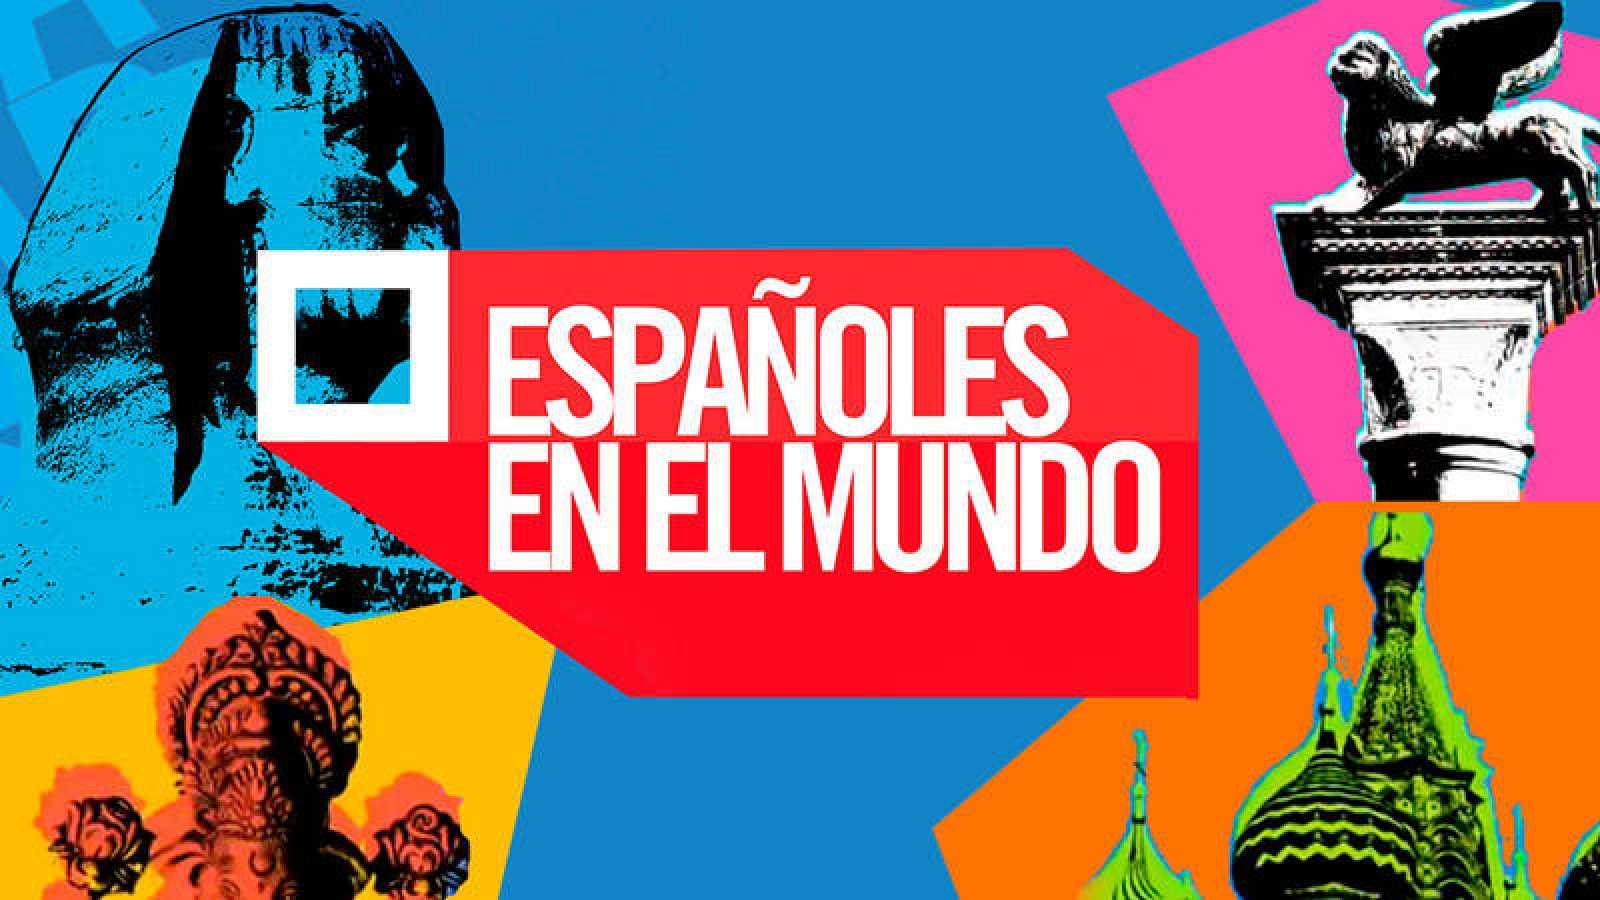 Vuelve 'Españoles en el mundo'